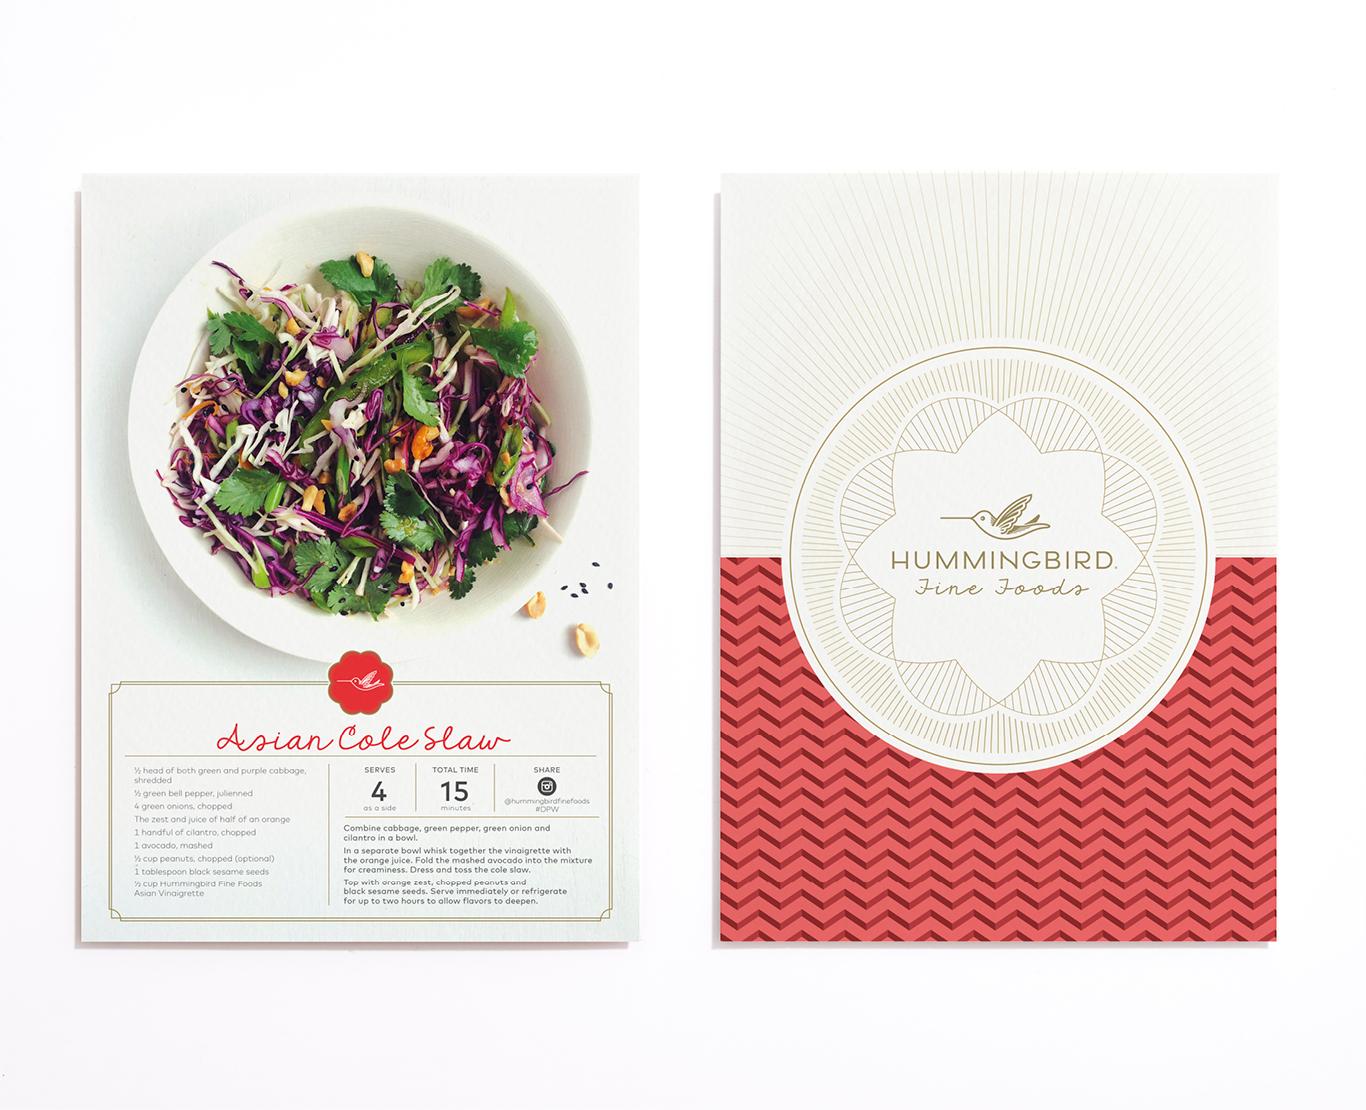 Coosa-Hummingbird-Fine-Foods-05.jpg